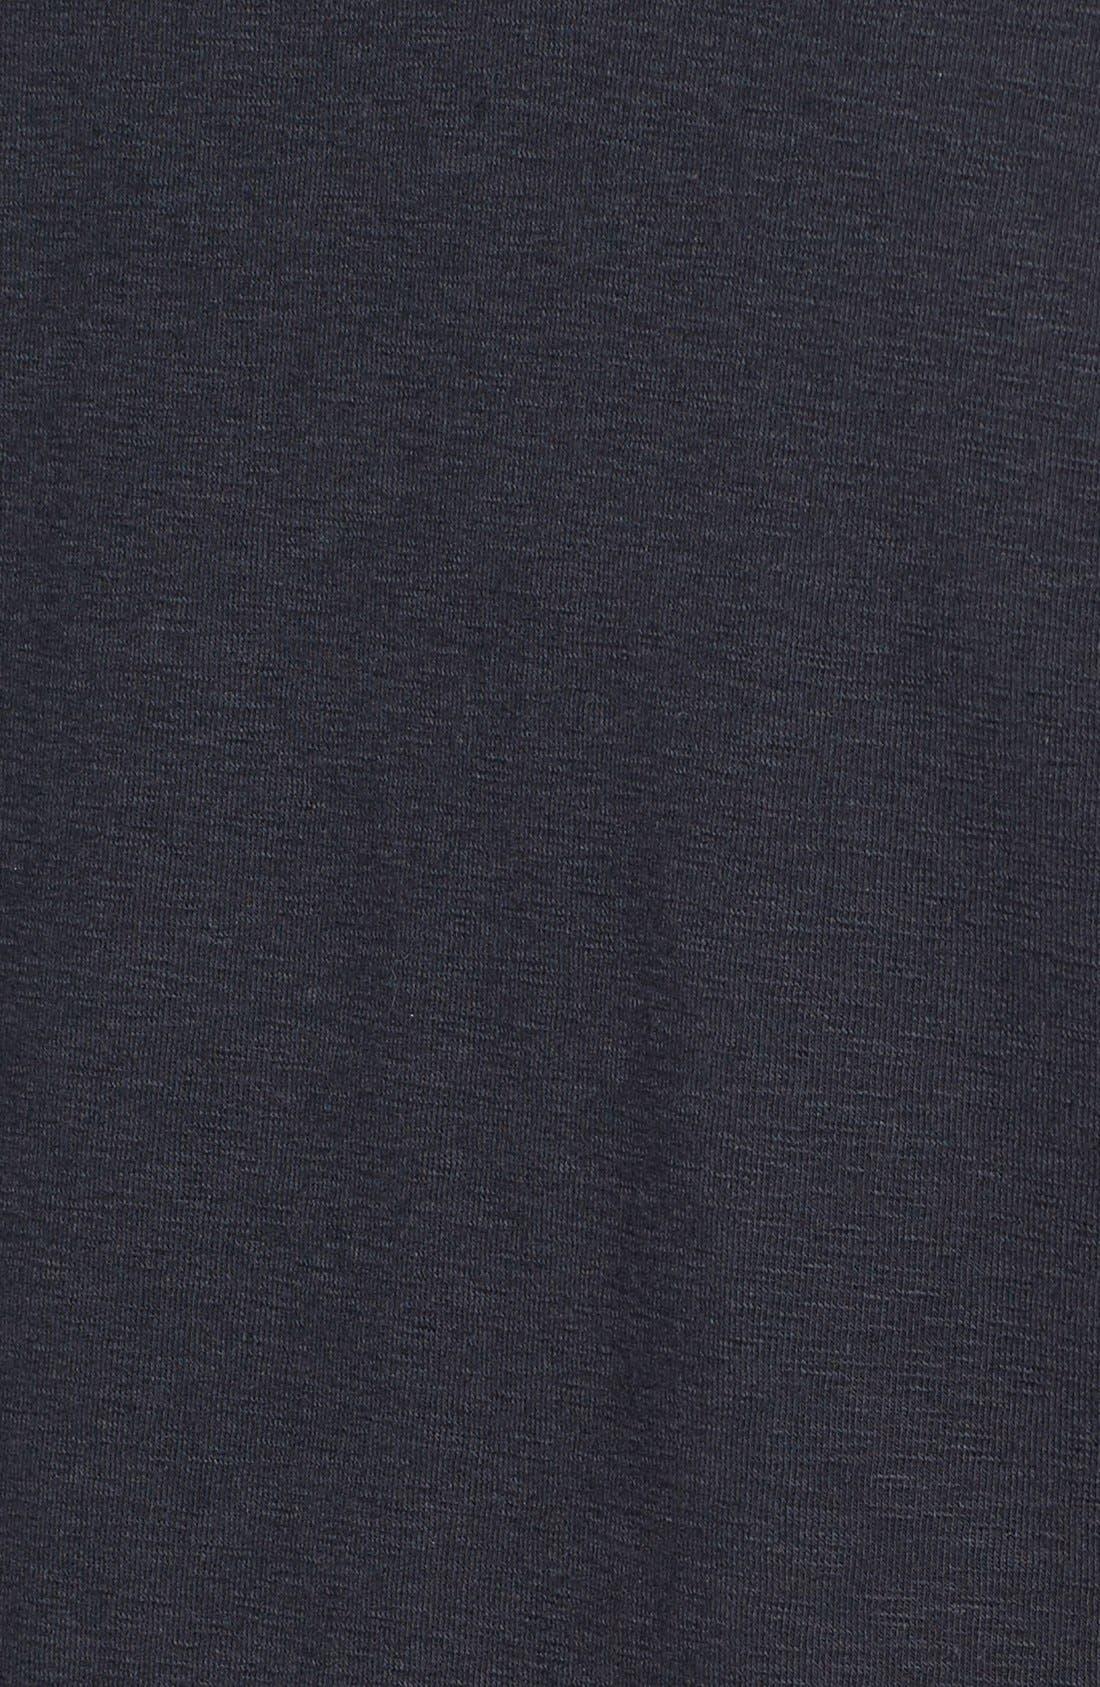 Douglas Cotton Blend T-Shirt,                             Alternate thumbnail 5, color,                             Black